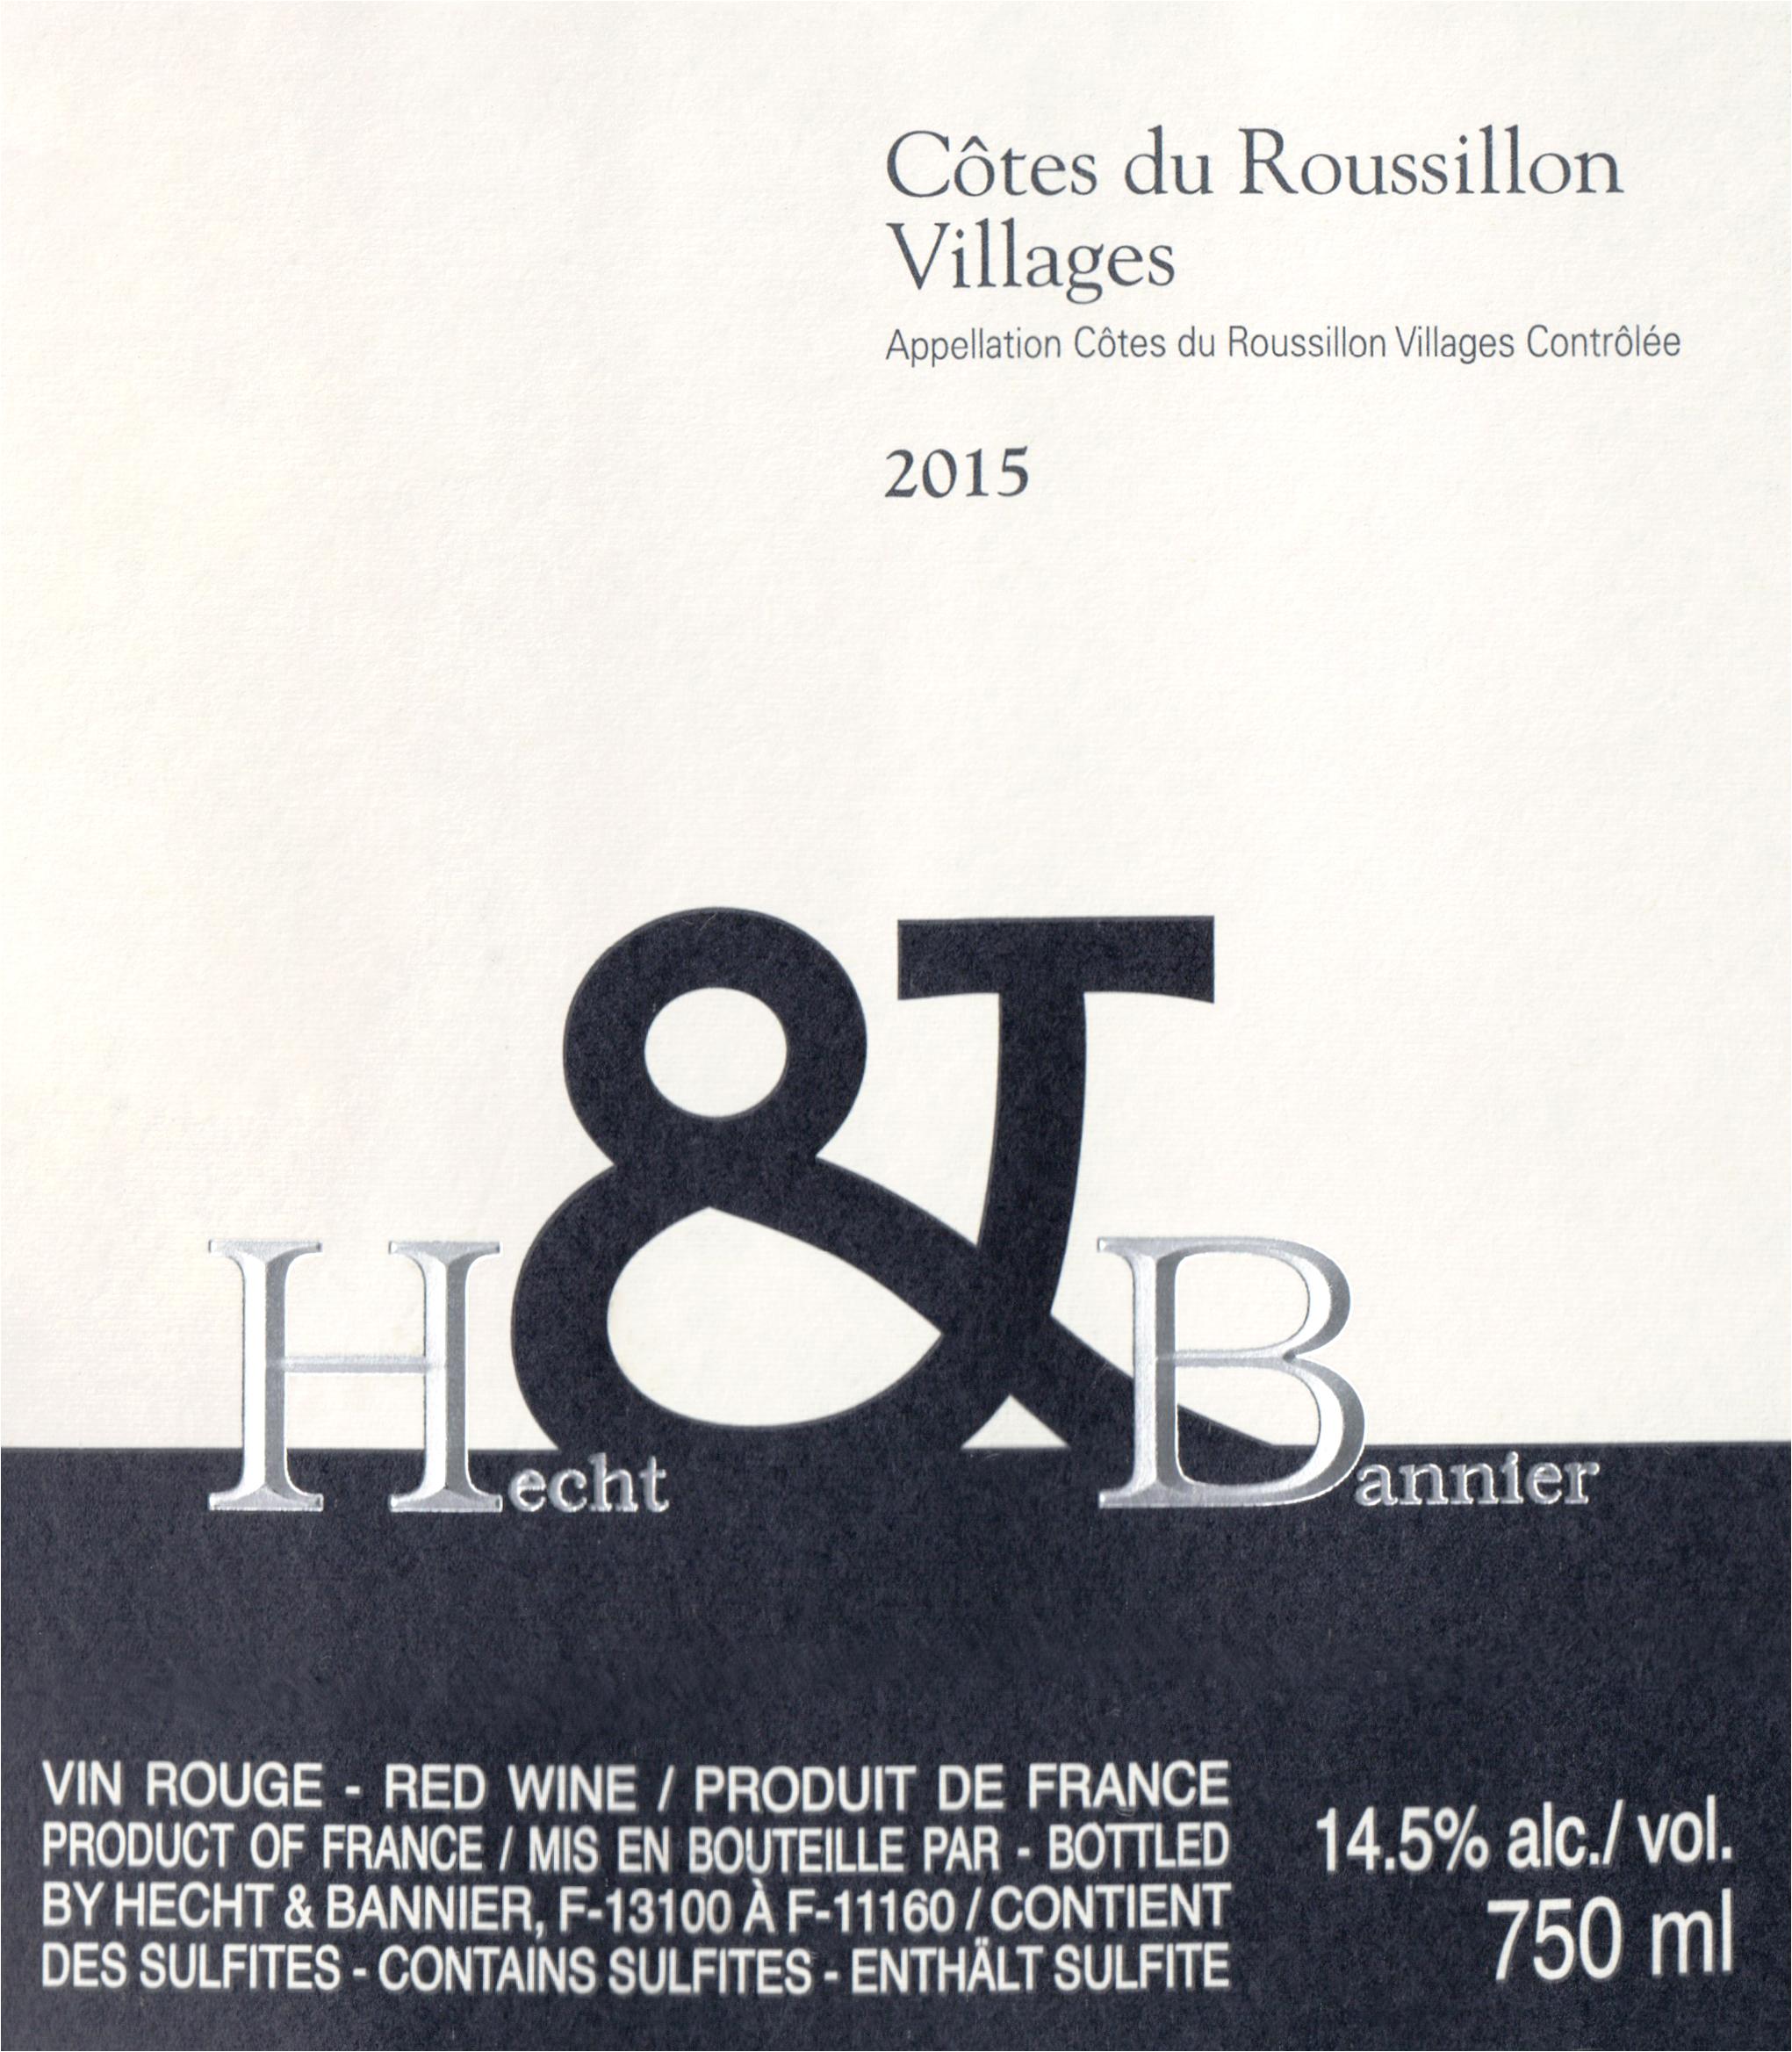 Hecht And Bannier Cotes Du Roussillon Villages 2015